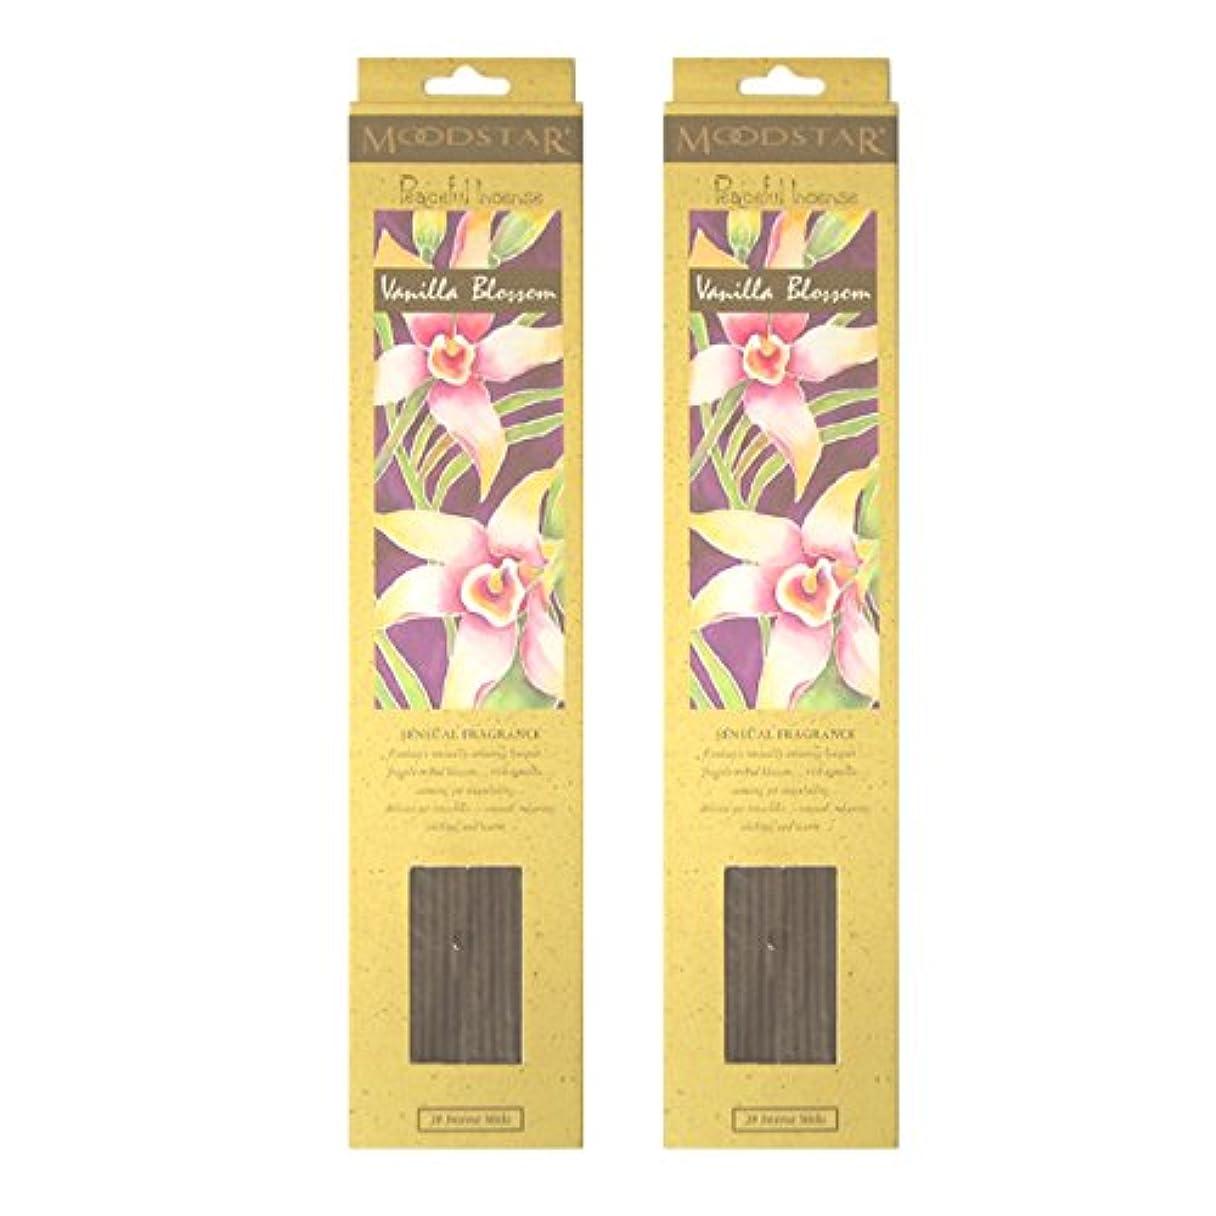 修羅場デザイナーアサートMOODSTAR ムードスター Vanilla Blossom バニラ?ブロッサム お香 20本 X 2パック (40本)